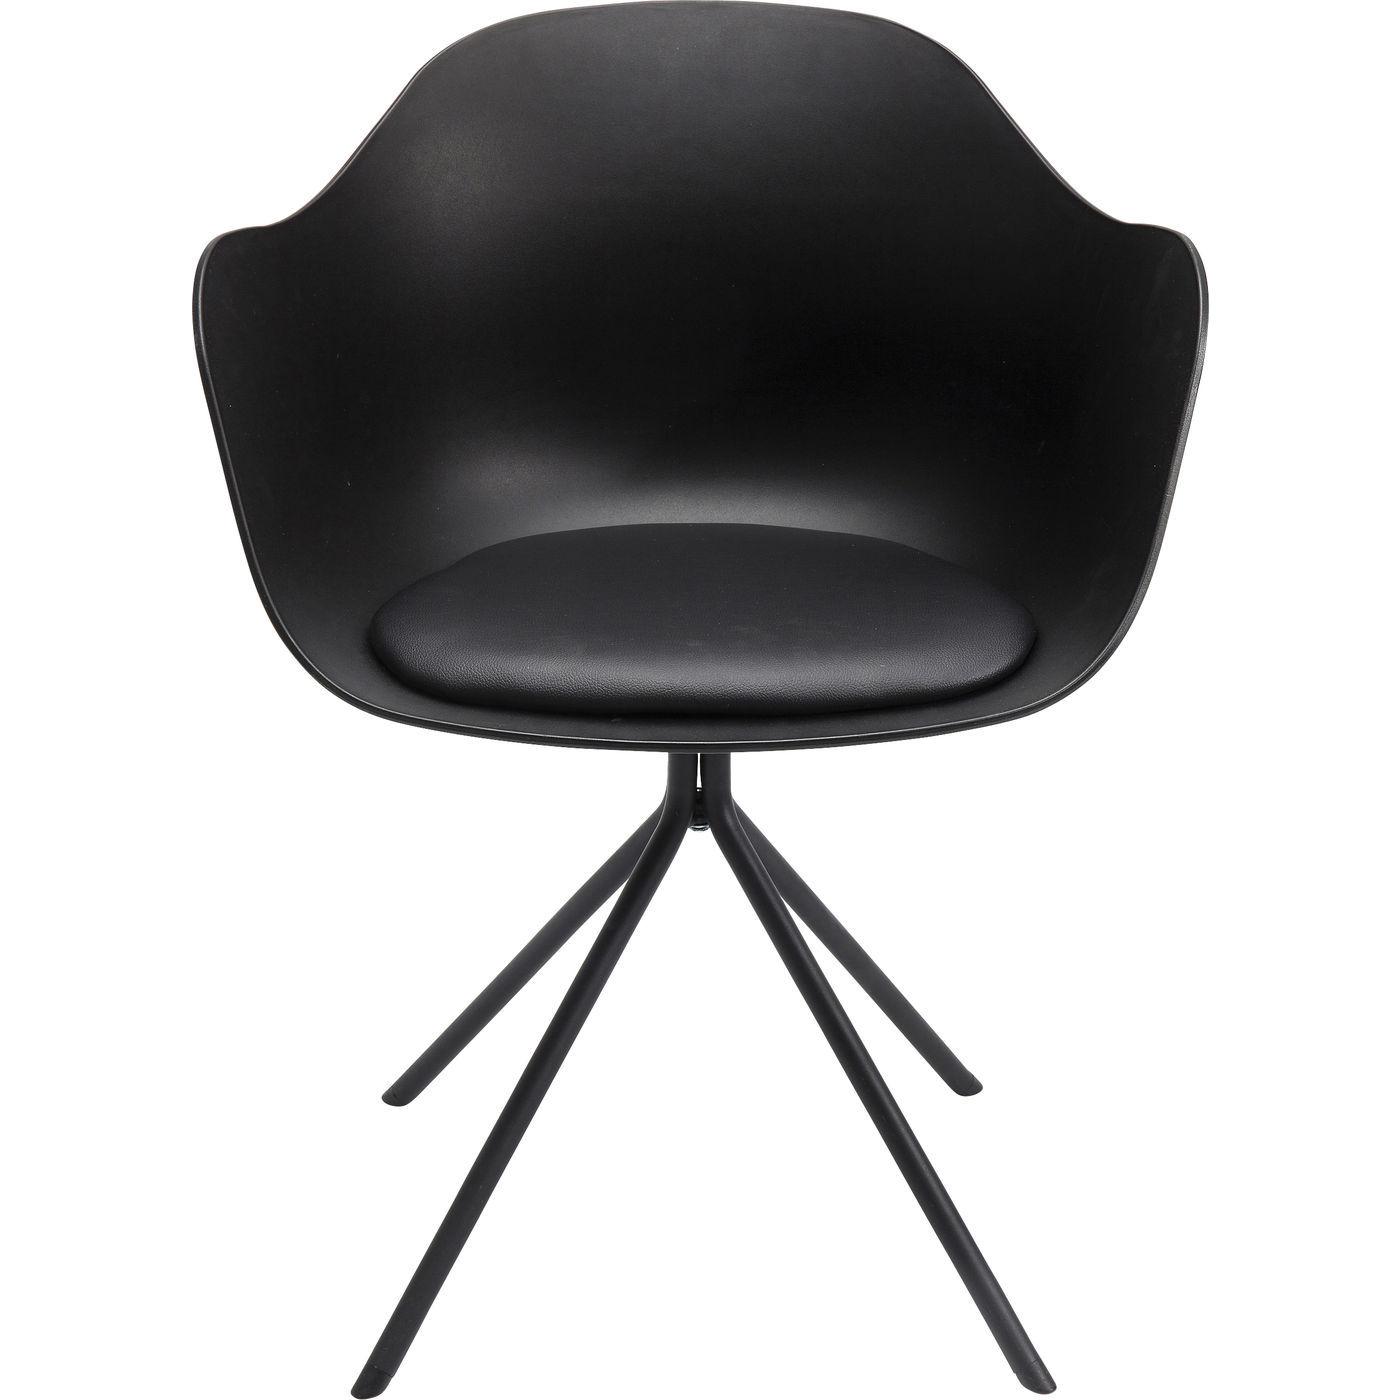 kare design – Kare design bel air spisebordsstol - sort plastik/sort plastikbelagt stof/sort stål, m. armlæn på boboonline.dk